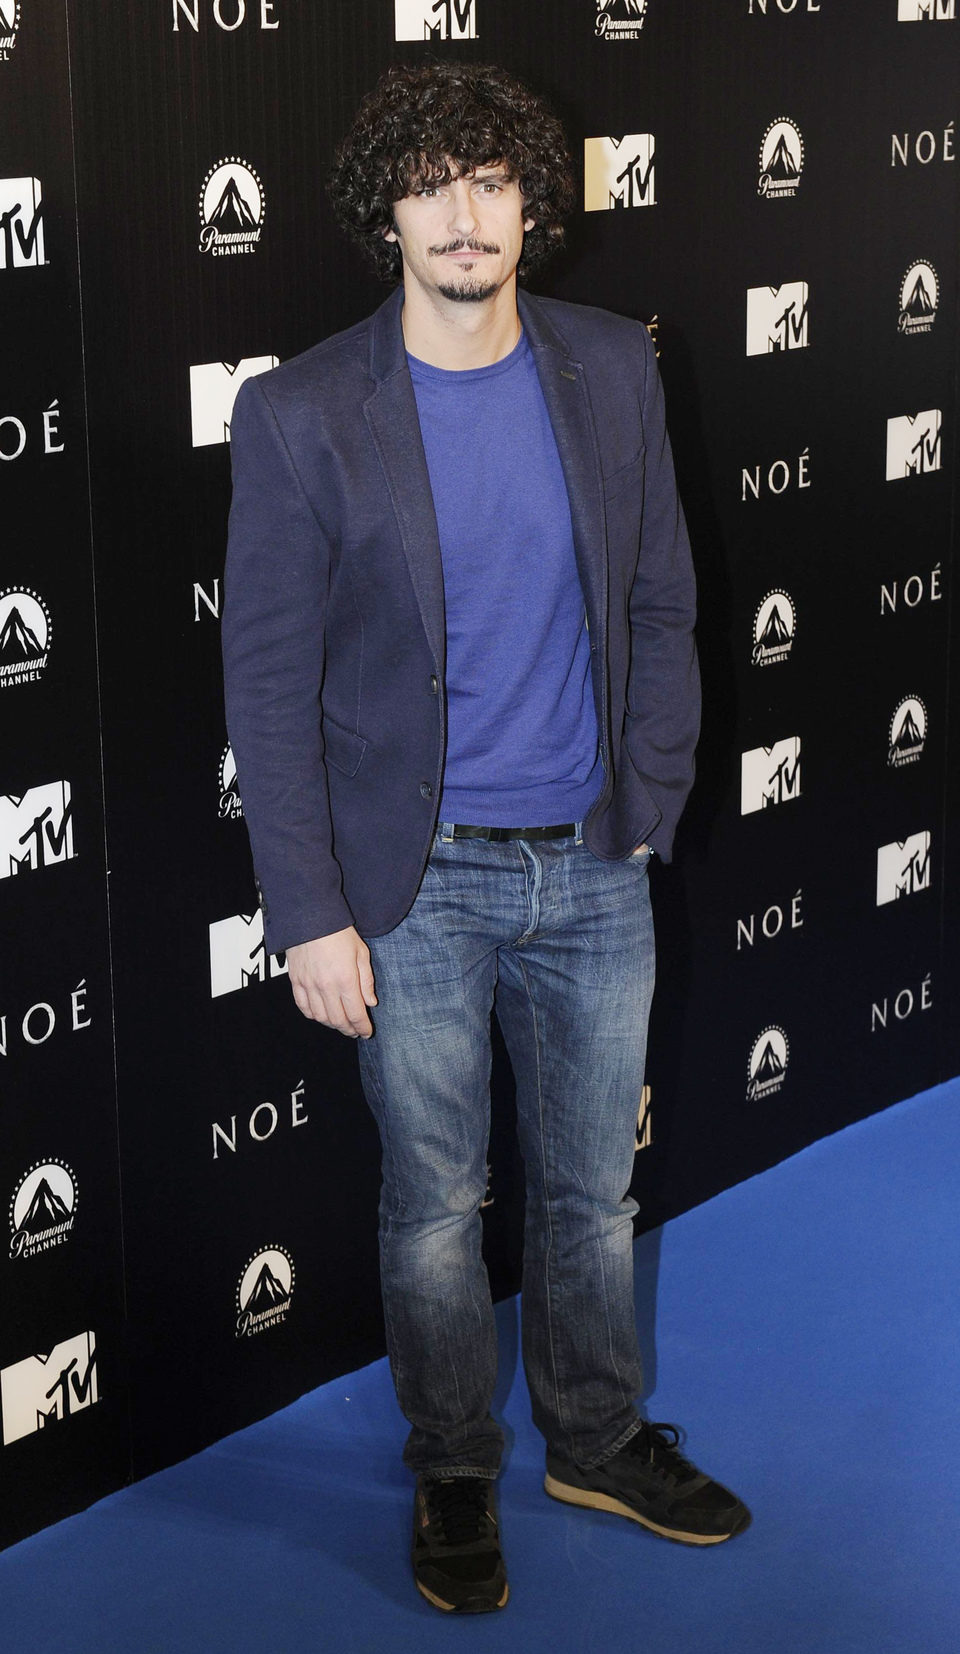 Antonio Pagudo en la premiere de 'Noé' en Madrid